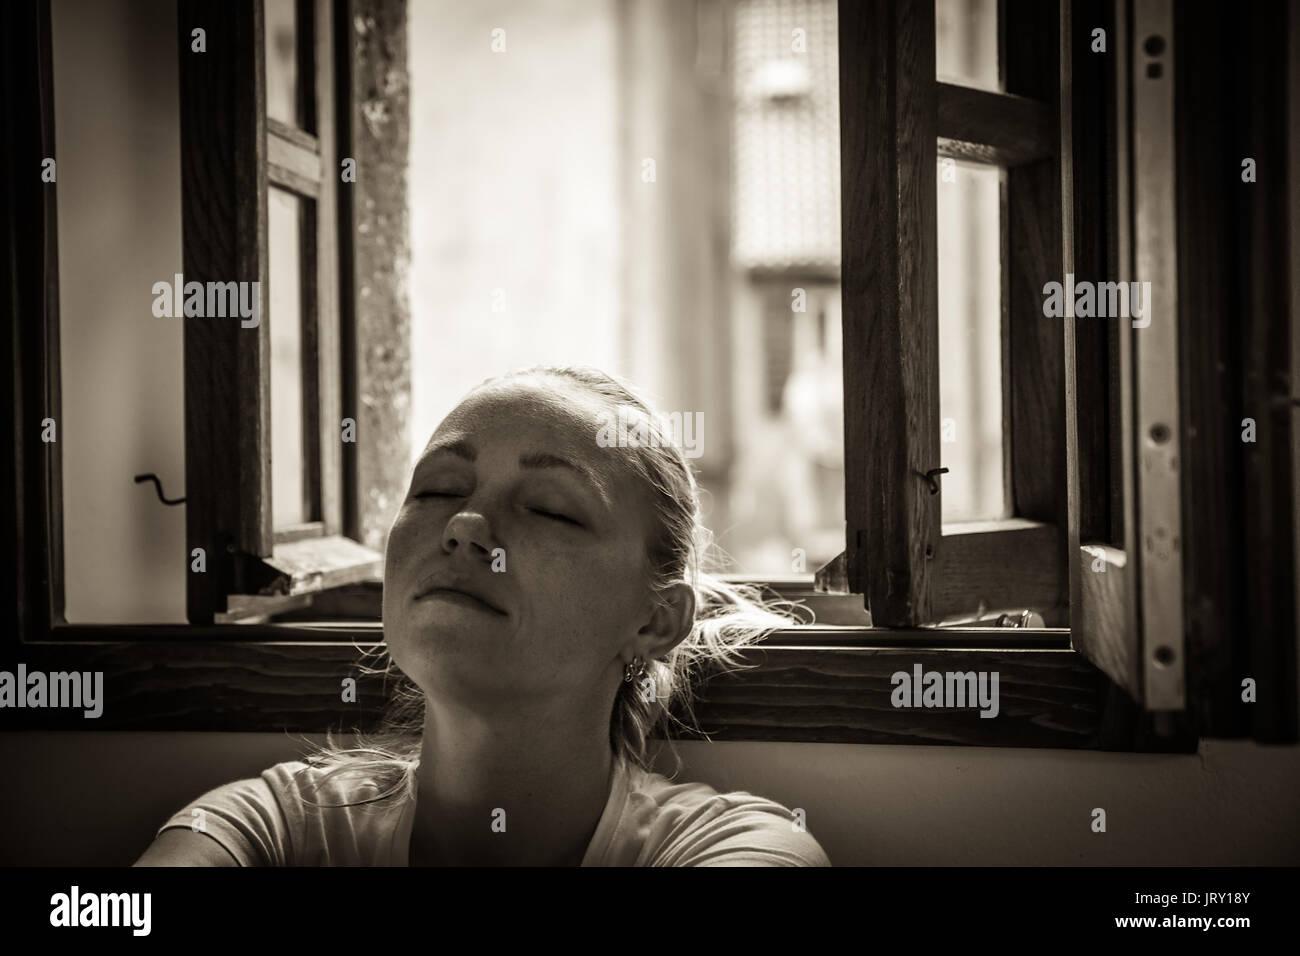 Pensieroso giovane donna con gli occhi chiusi perso in pensieri rilassanti e sognare vicino a finestra aperta in bianco e nero e colore in stile vintage con dramati Immagini Stock